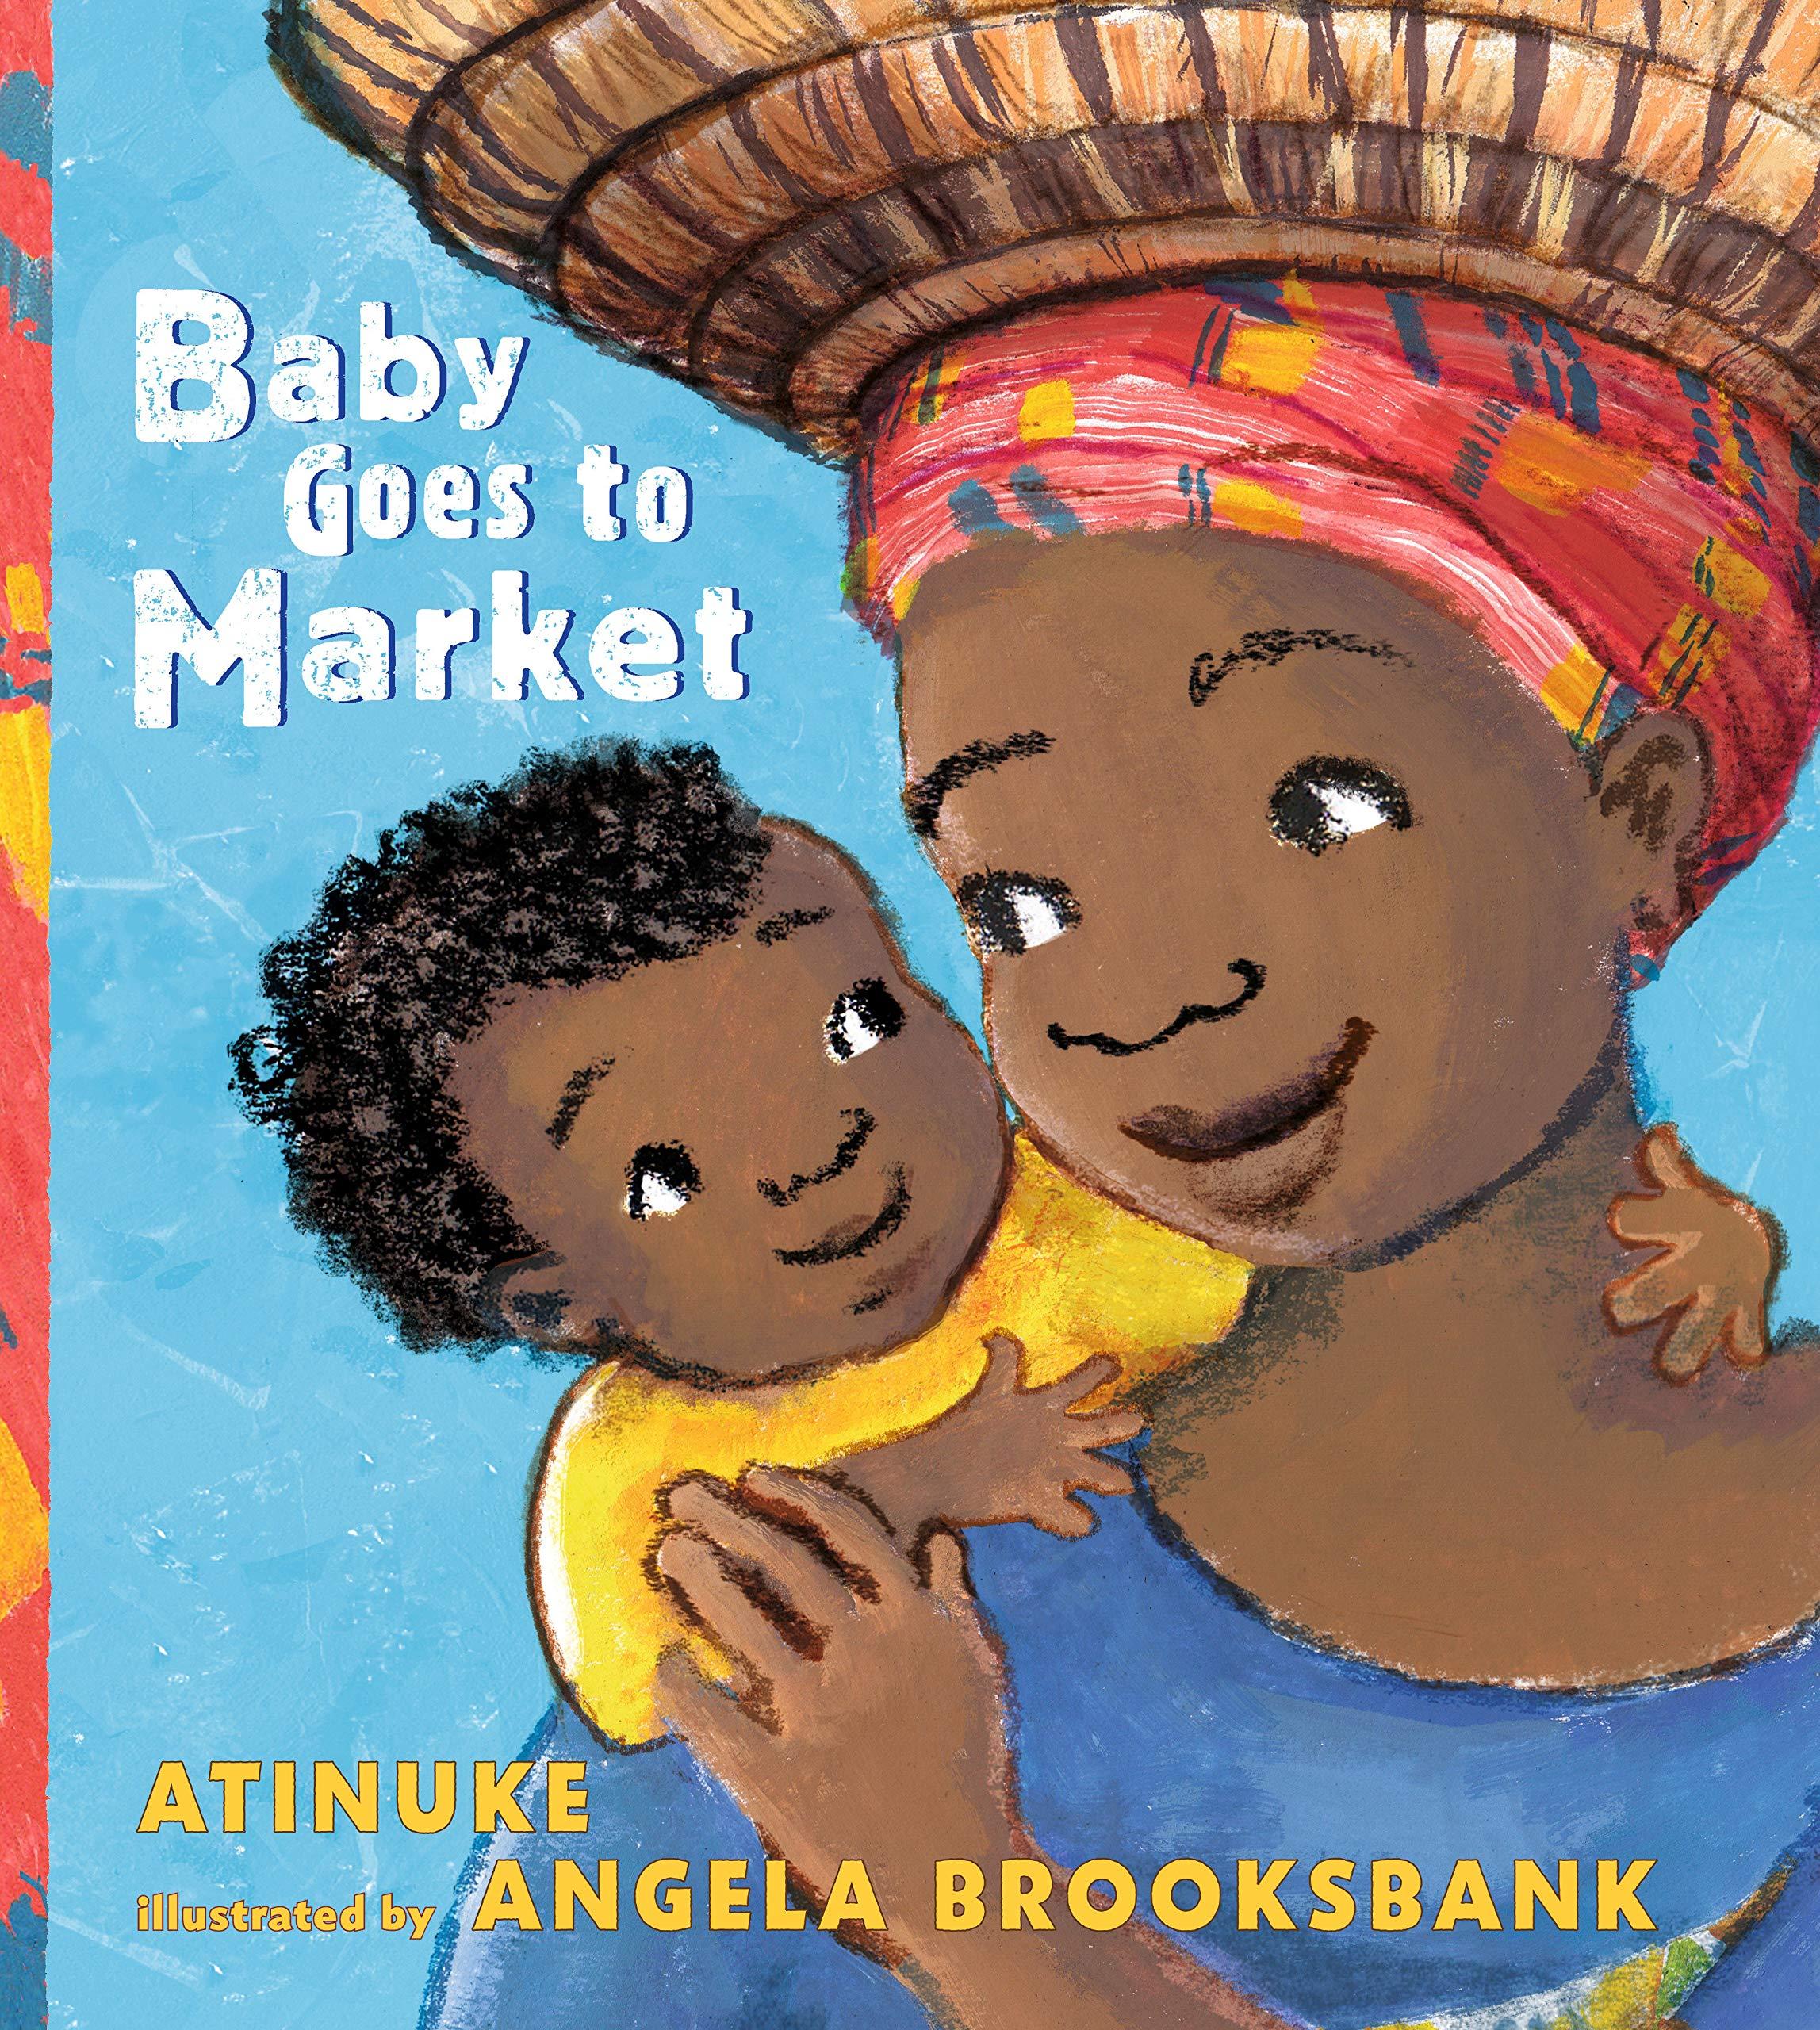 Baby Goes to Market: Atinuke, Brooksbank, Angela: 9780763695705:  Amazon.com: Books